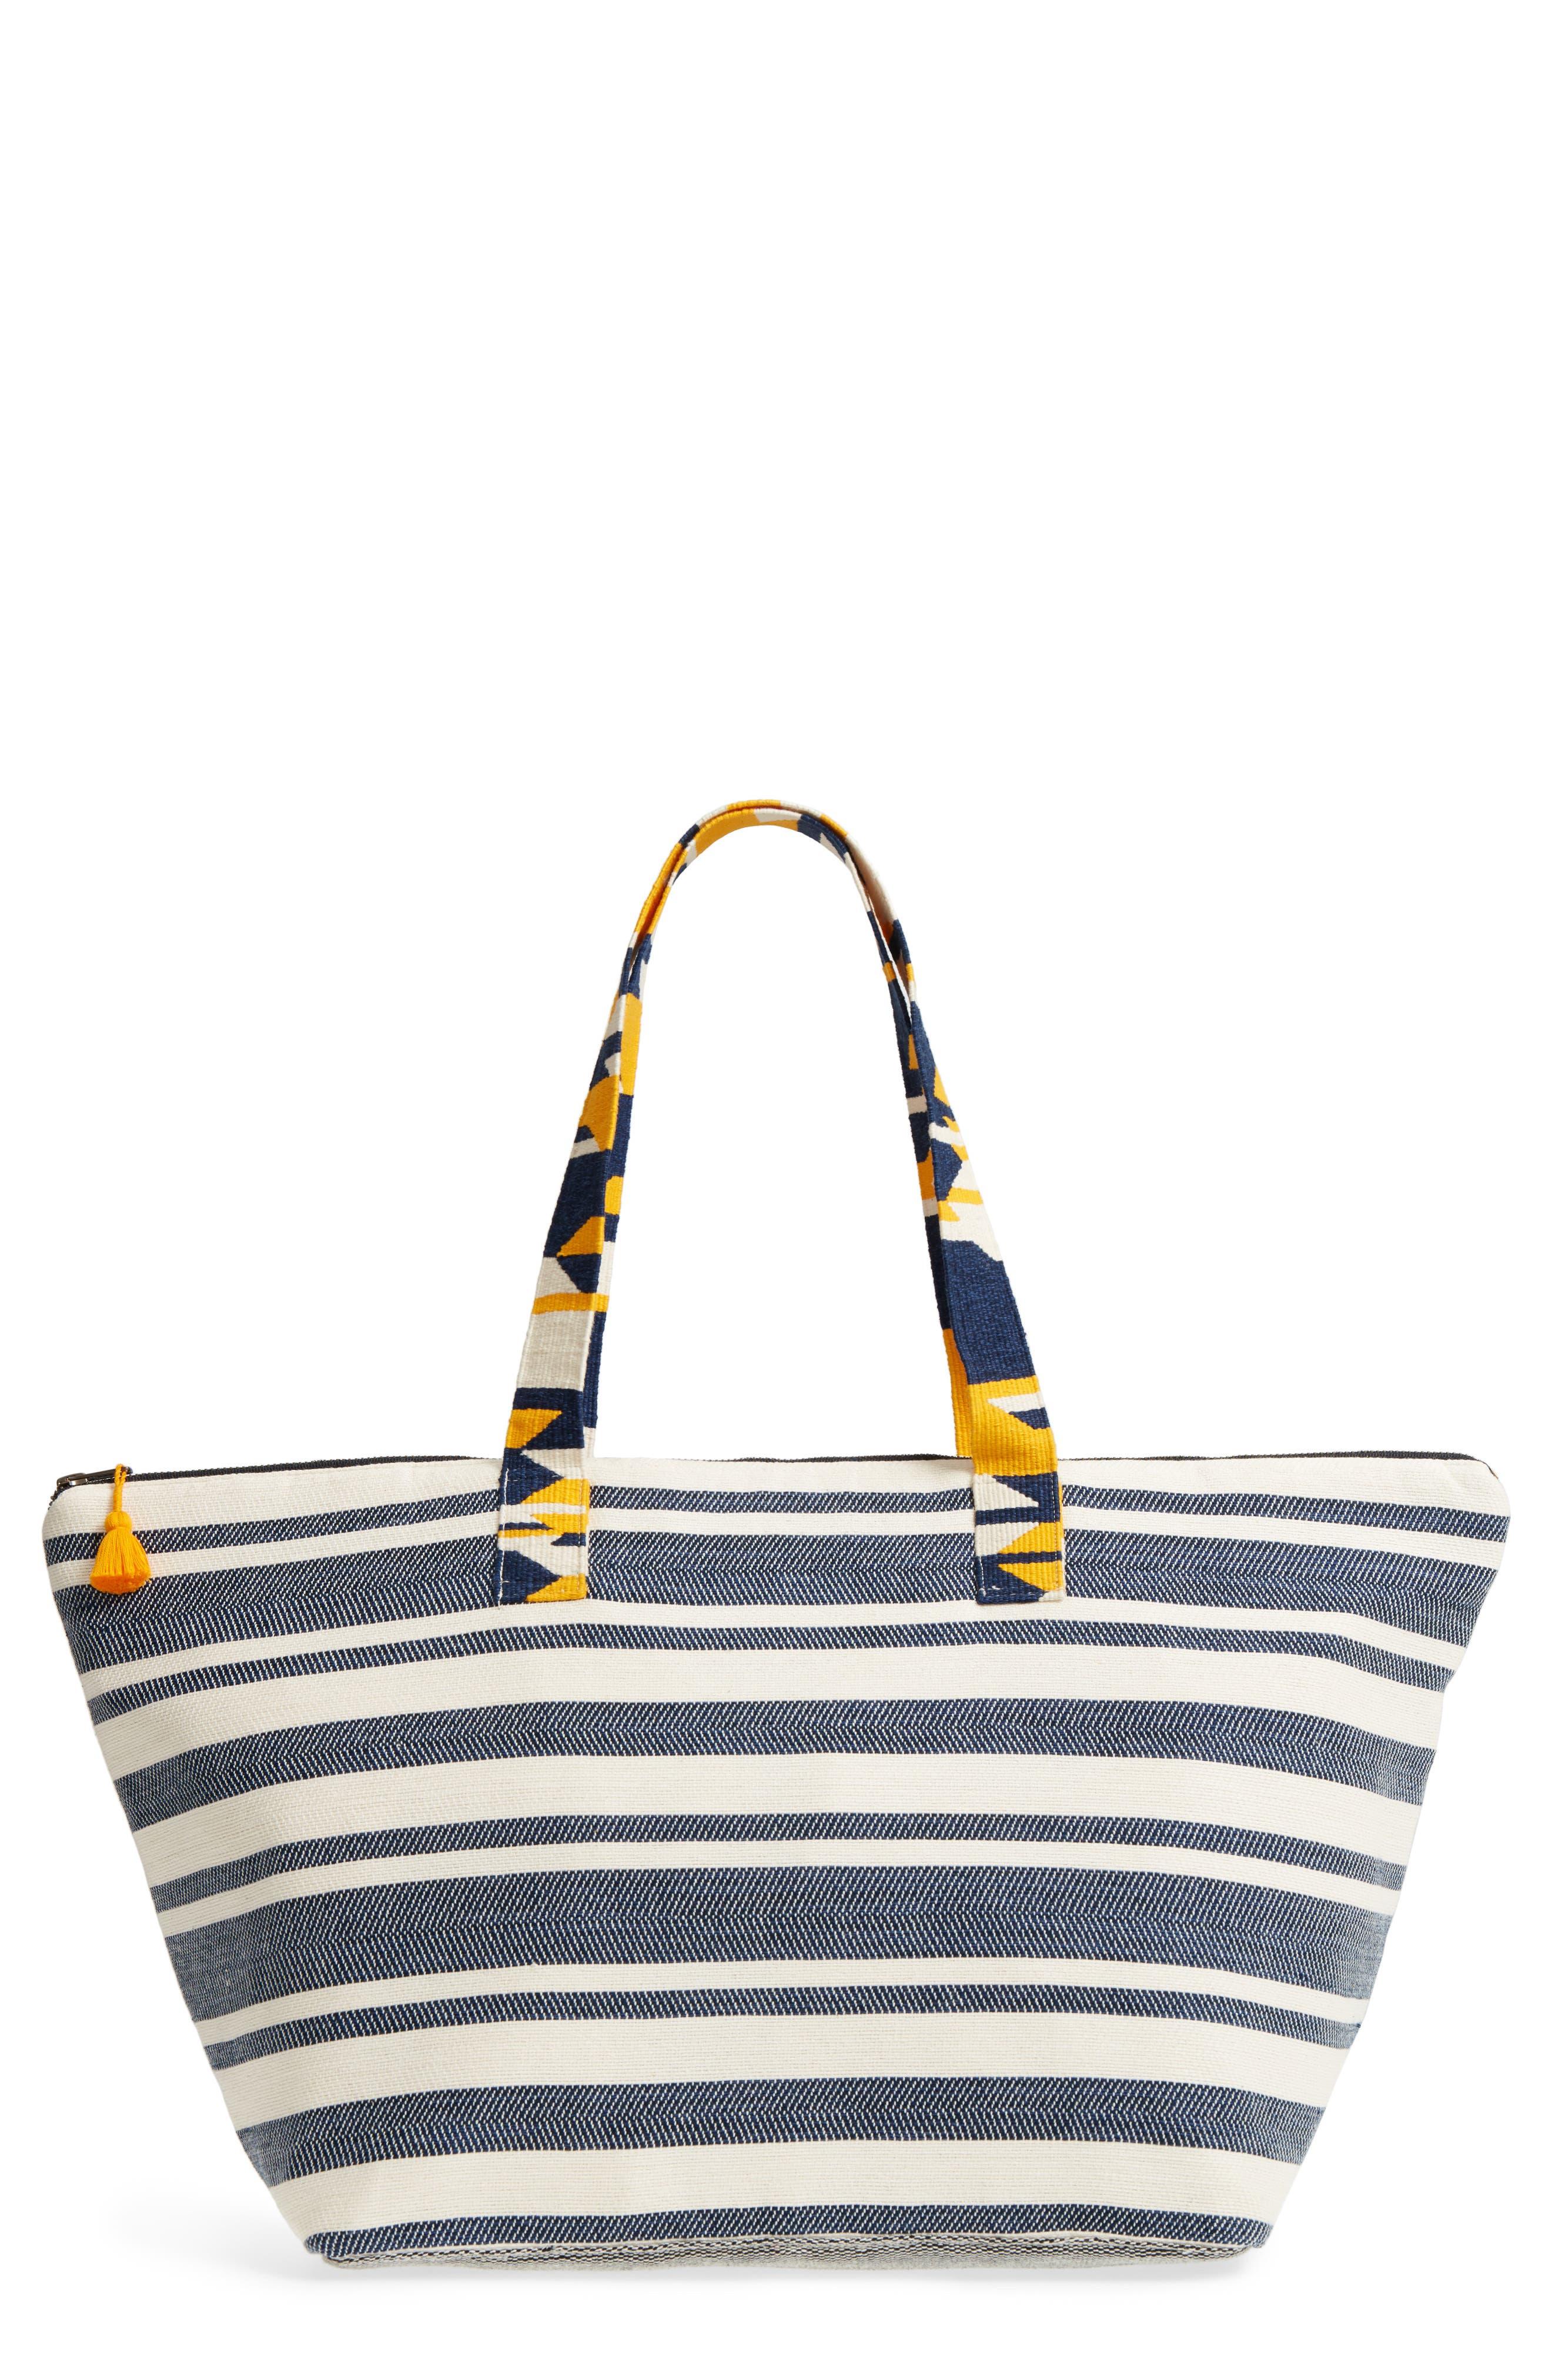 Iris Beach Bag,                             Main thumbnail 1, color,                             400